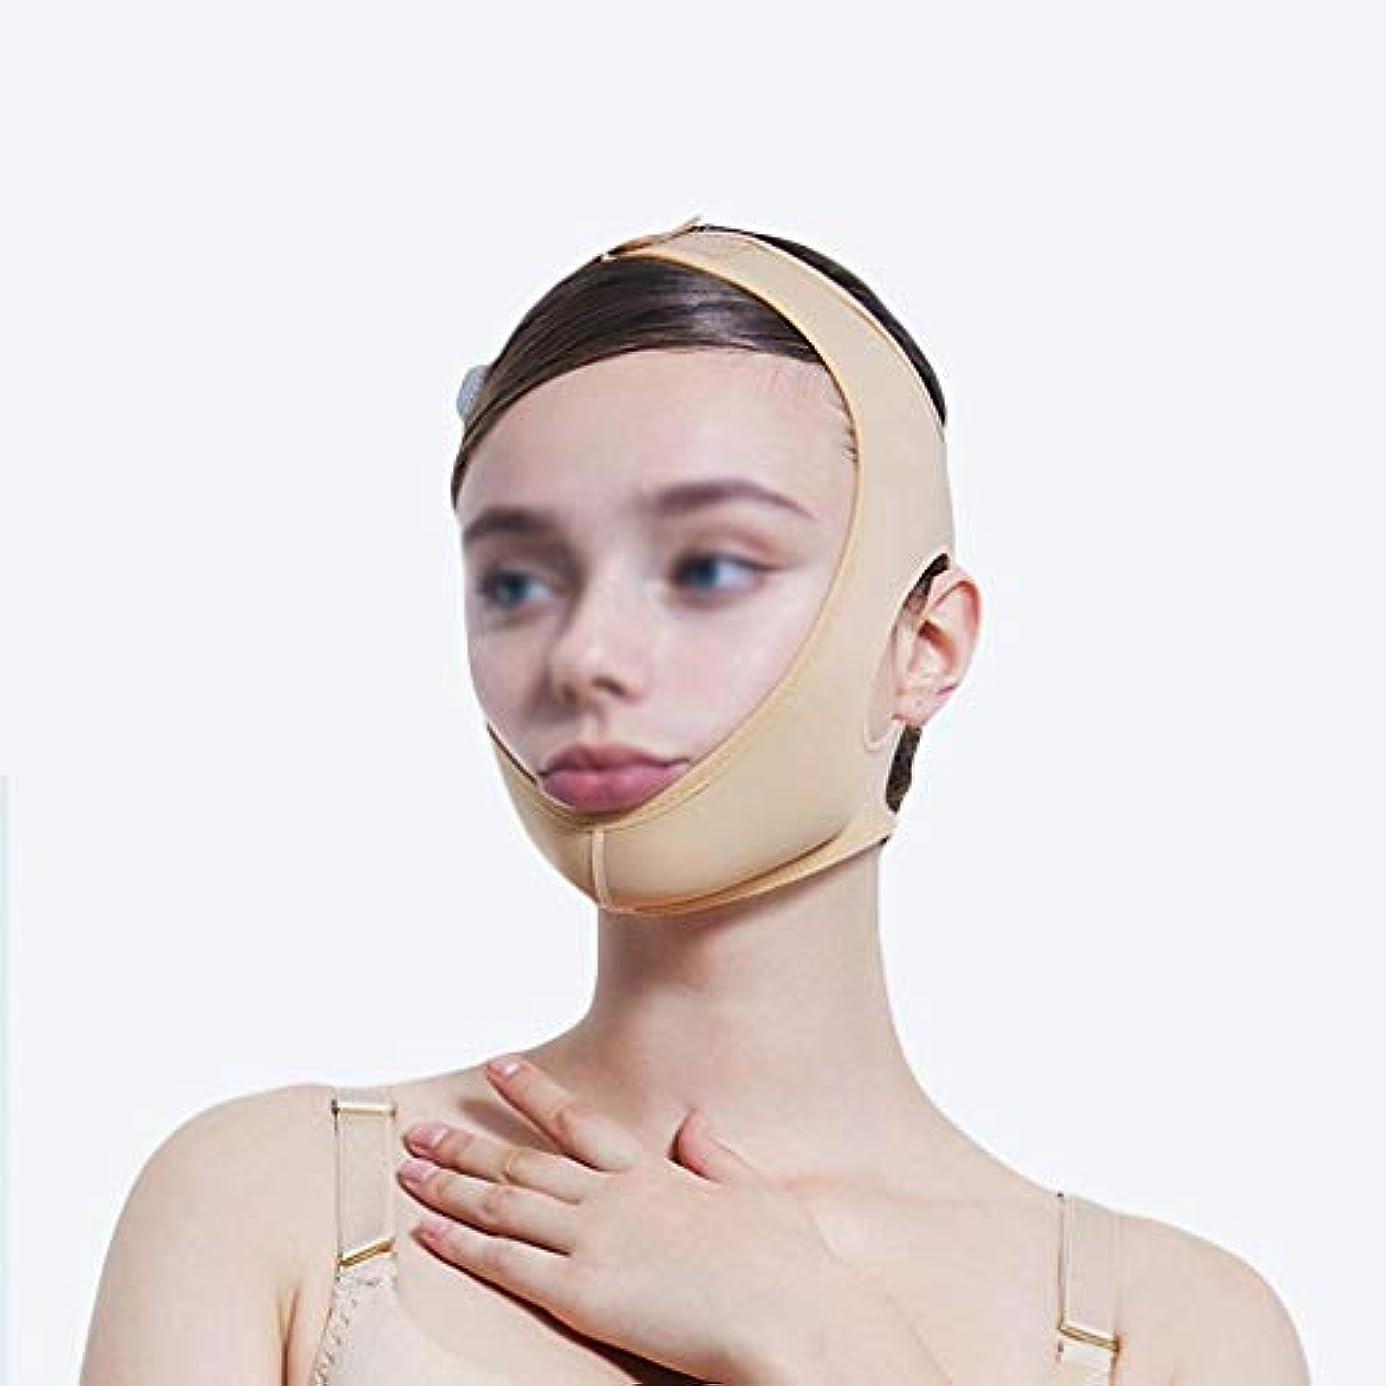 作り質量消毒剤フェイシャルライン、頬、しわ防止フェイシャル減量、フェイスバンド、フェイスマスク、フェイスリフティング、通気性、ダブルチンストラップ(サイズ:XXL),XS